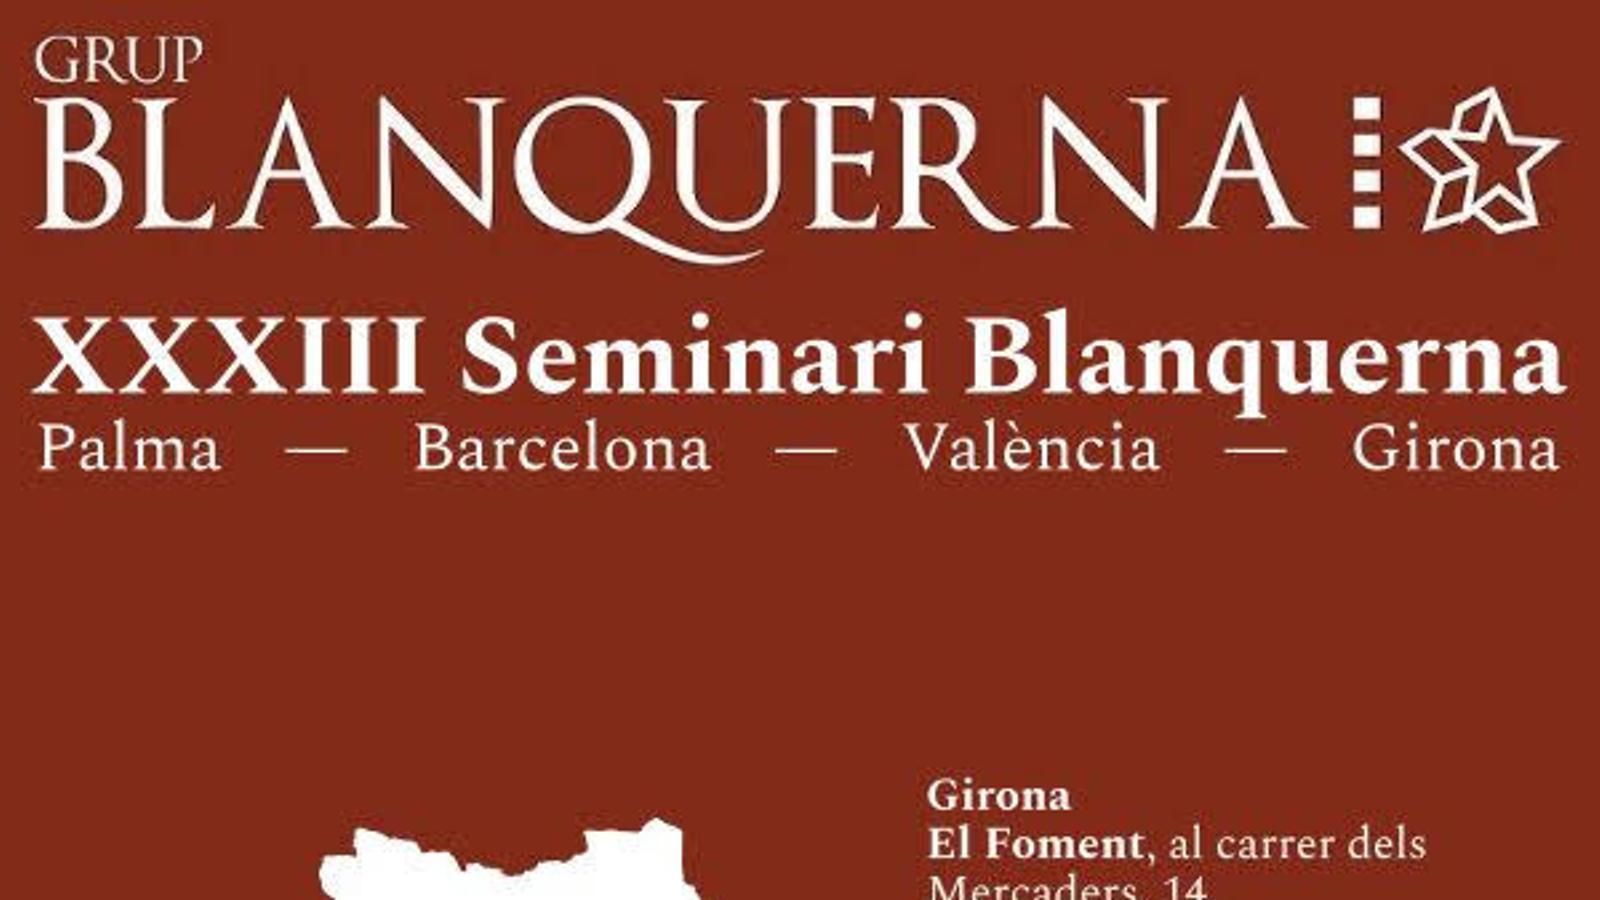 Cartell de la XXXIII edició del Seminari Blanquerna